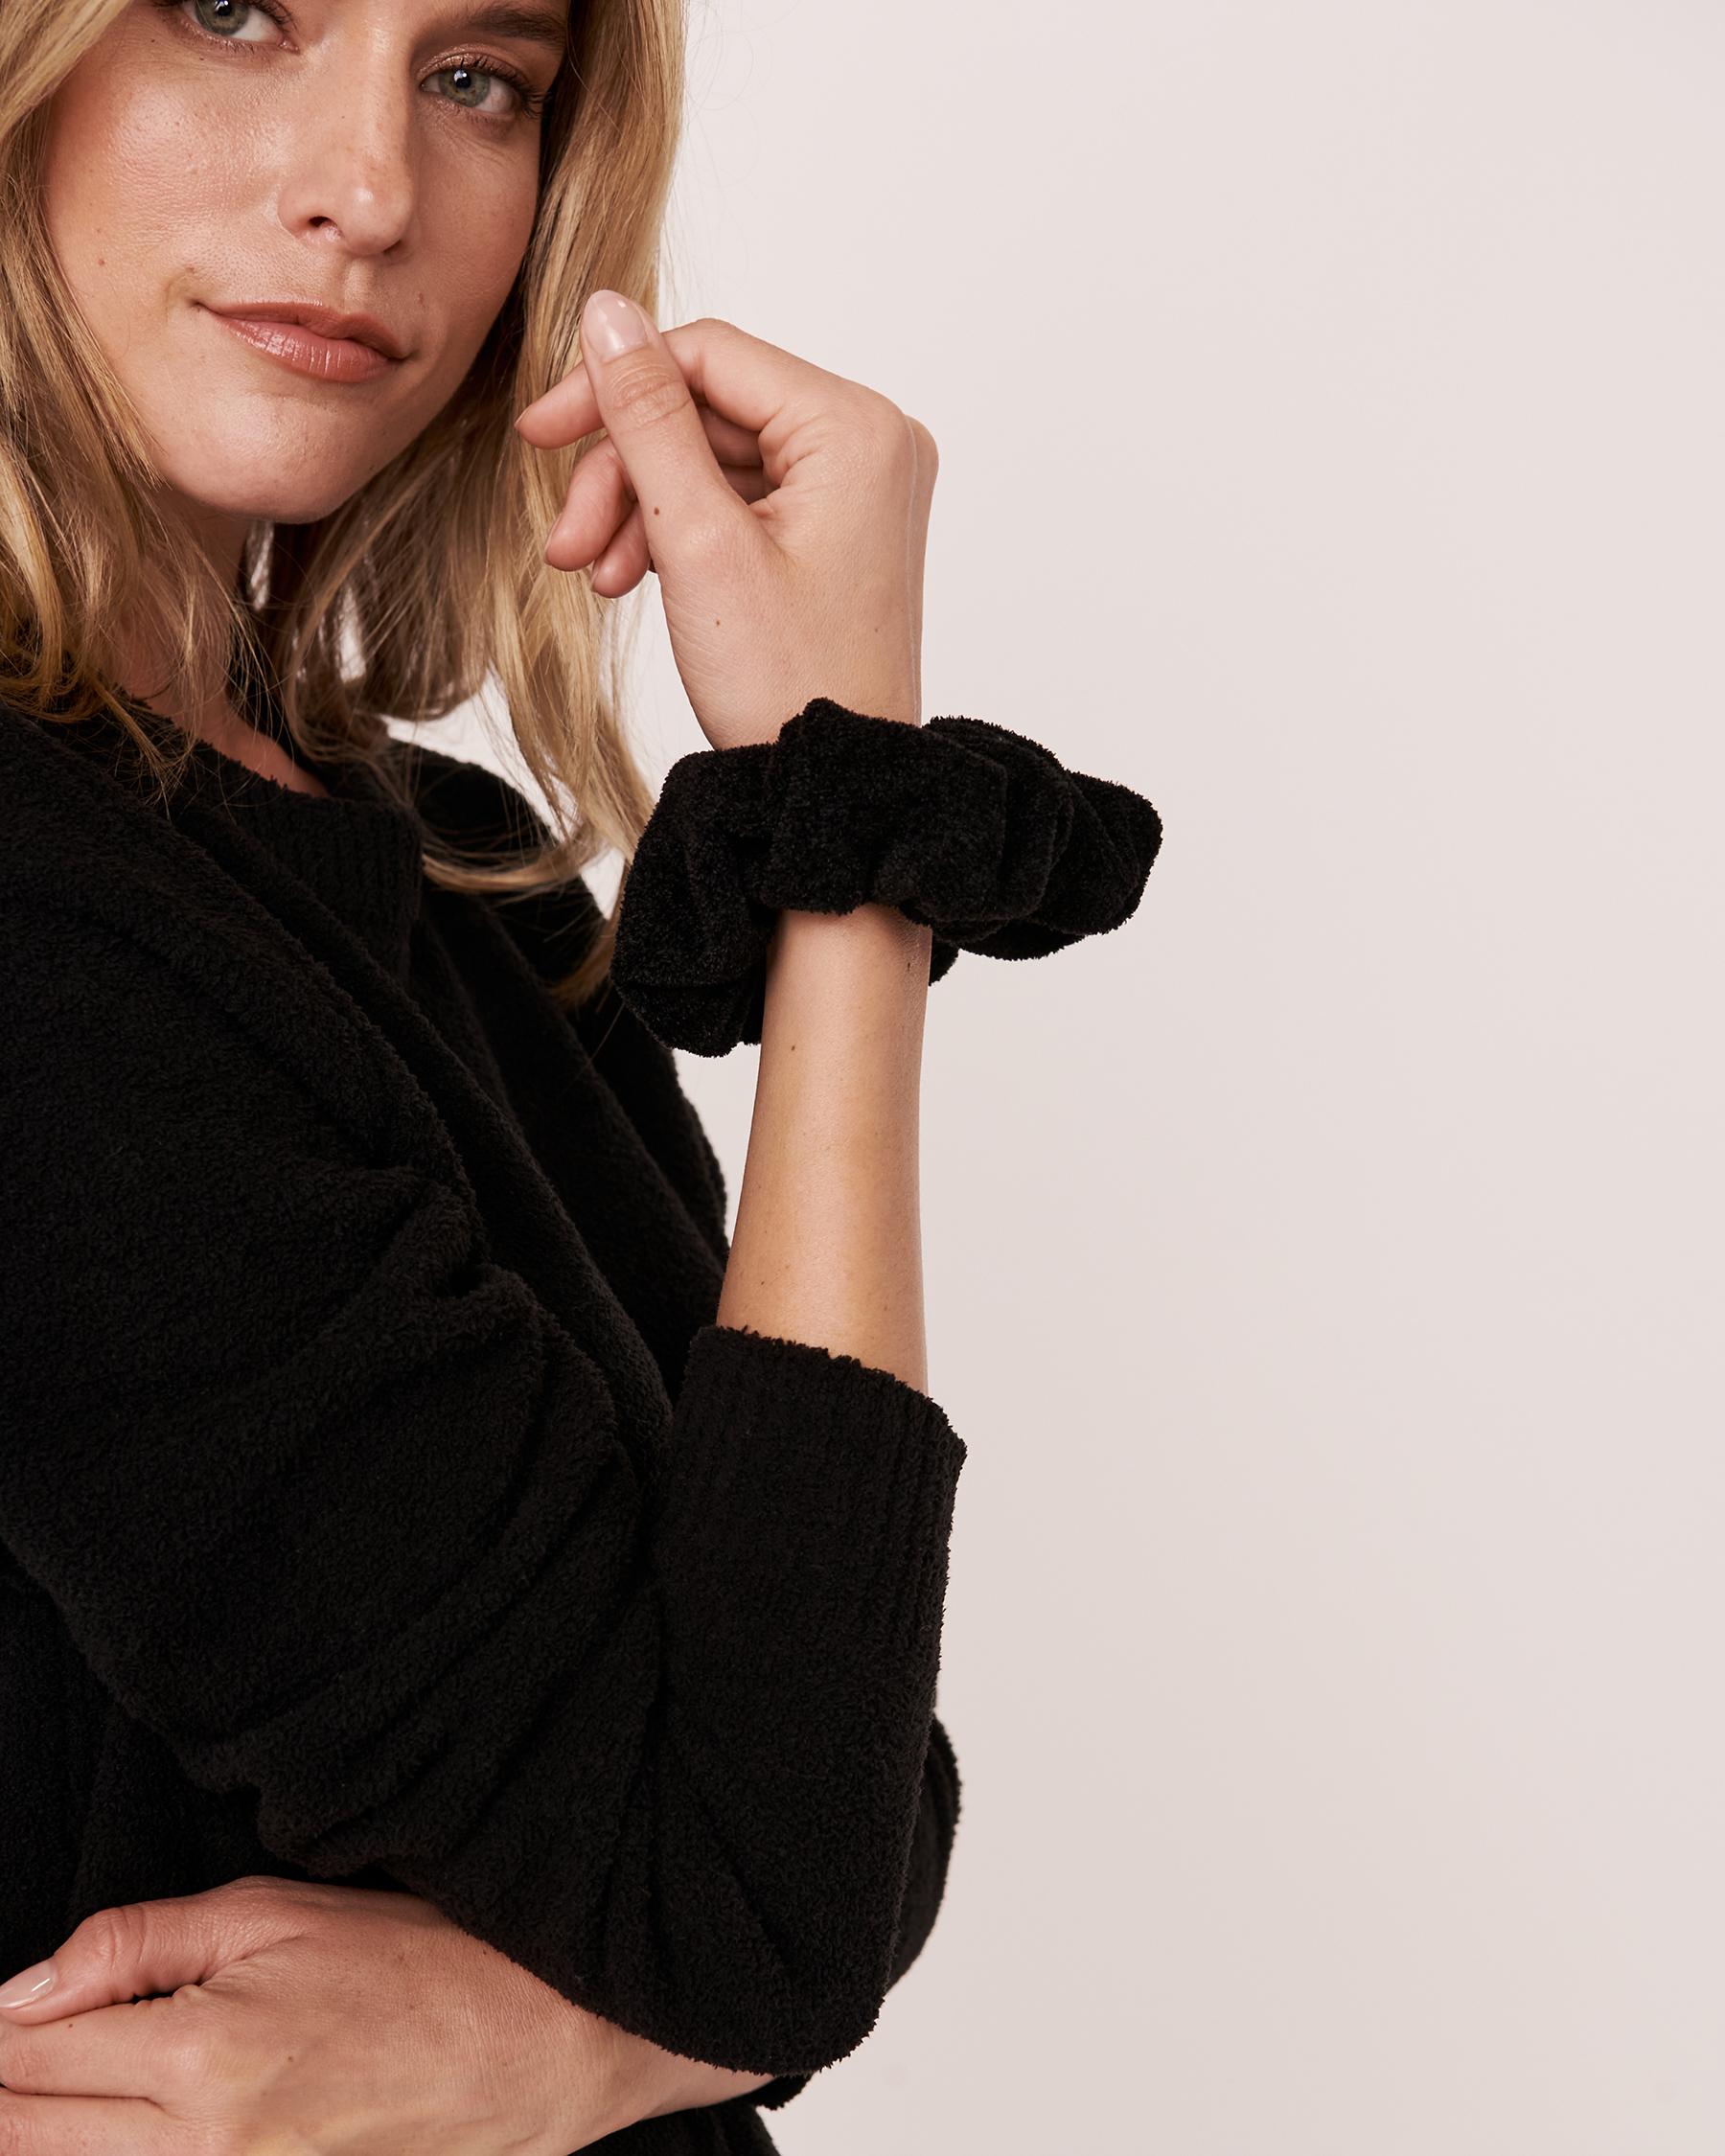 LA VIE EN ROSE Chenille Scrunchie Black 40700064 - View2